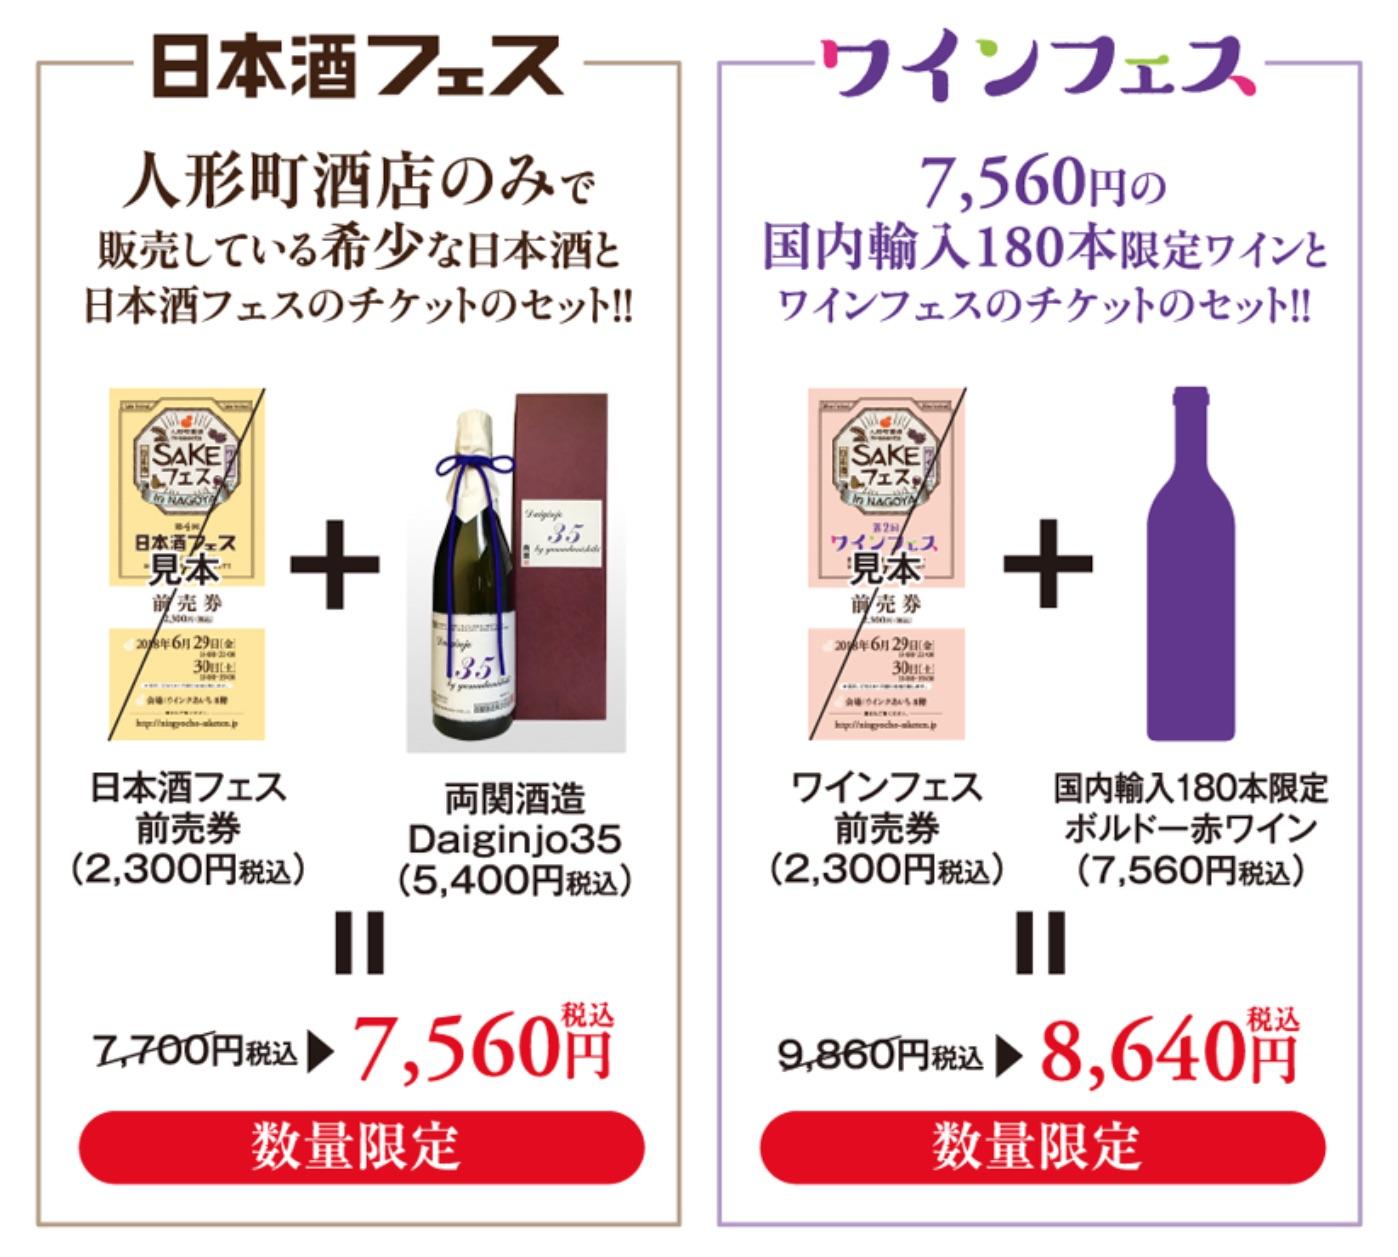 日本酒・ワイン好き集合! 6月29~30日、名古屋で「SAKEフェス」が開催 - contents sakefes set